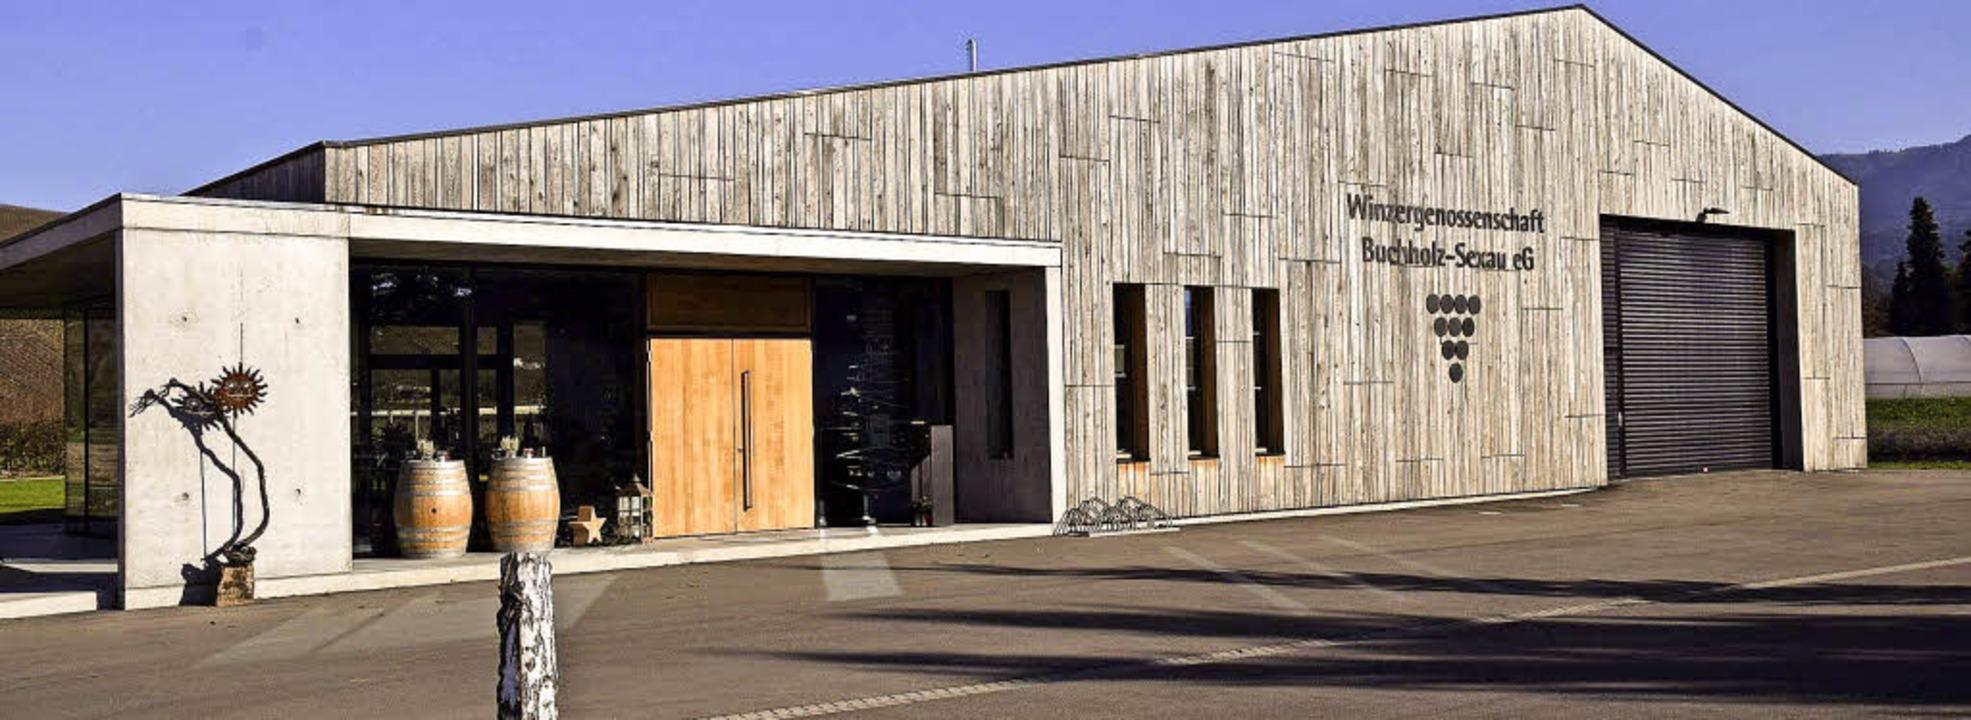 Eine Kombination von Scheune und Beton...: das Gebäude der Winzergenossenschaft  | Foto: Hubert Bleyer